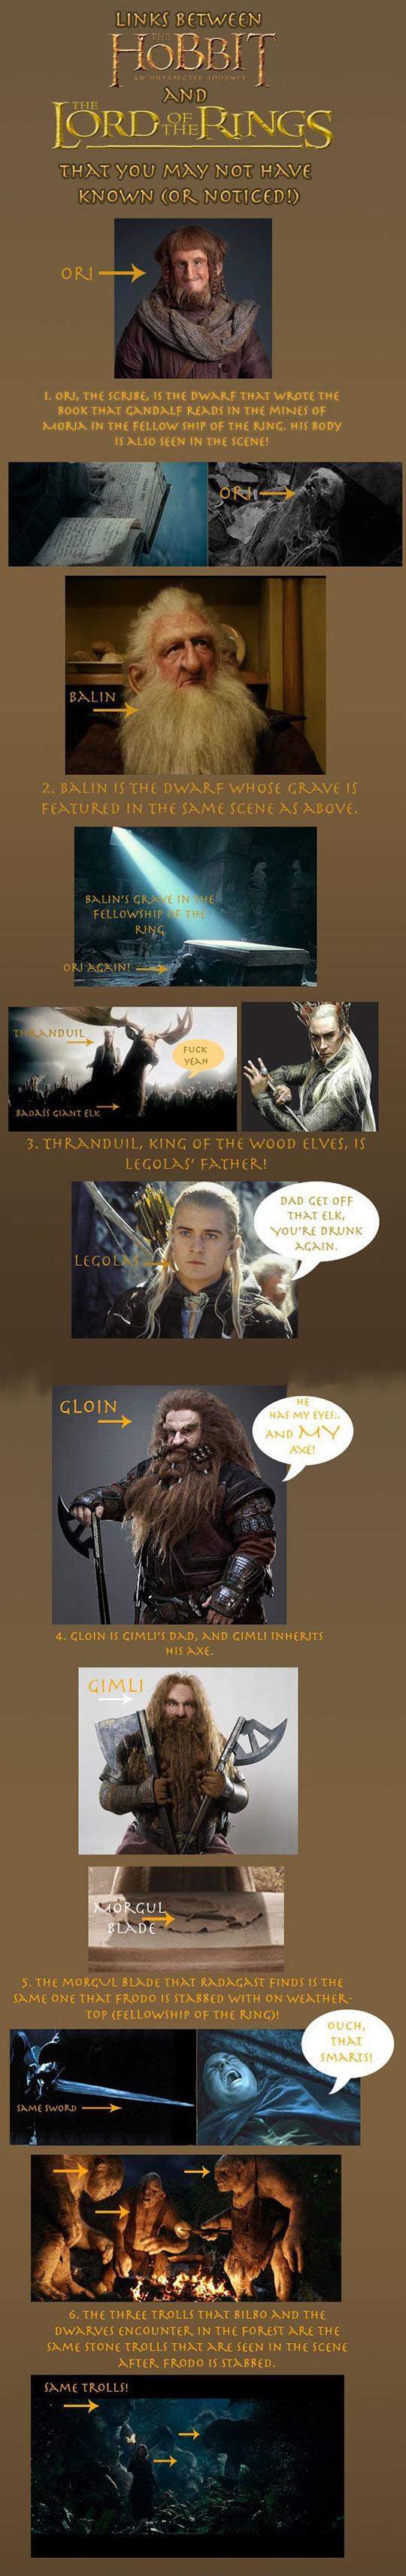 hobbit lotr